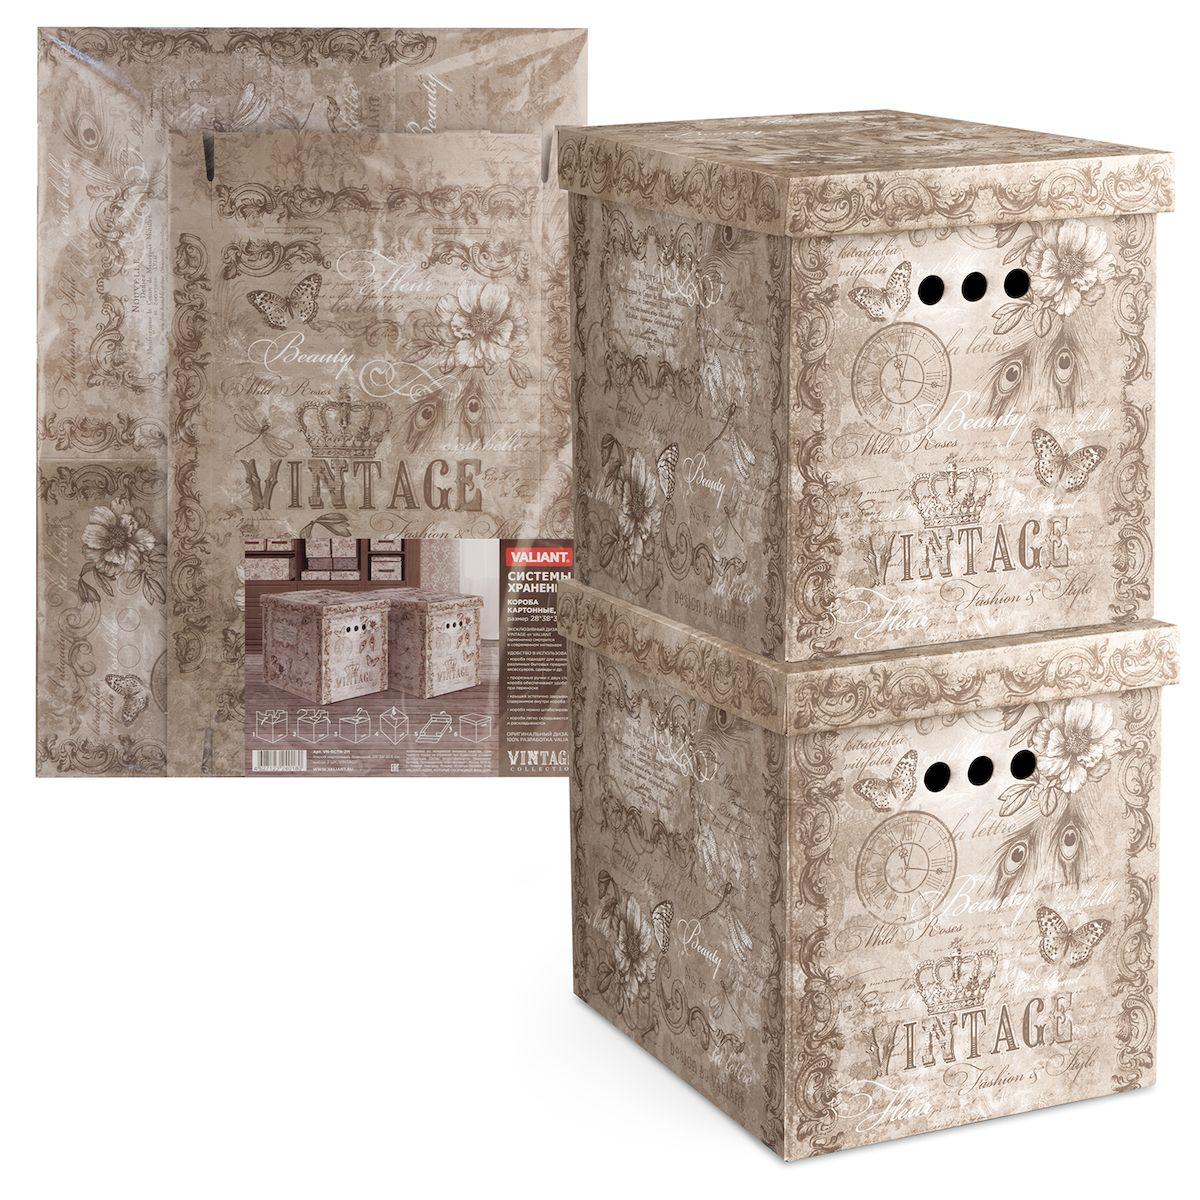 Короб для хранения Valiant Vintage, 28х38х31,5 см, складной, 2 штVN-BCTN-2MКороб картонный Valiant Vintage легкий и прочный. Короб являются самосборным (на упаковке имеется удобная инструкция по сборке). Благодаря прорезным ручкам с двух сторон коробку удобно поднимать и переносить.